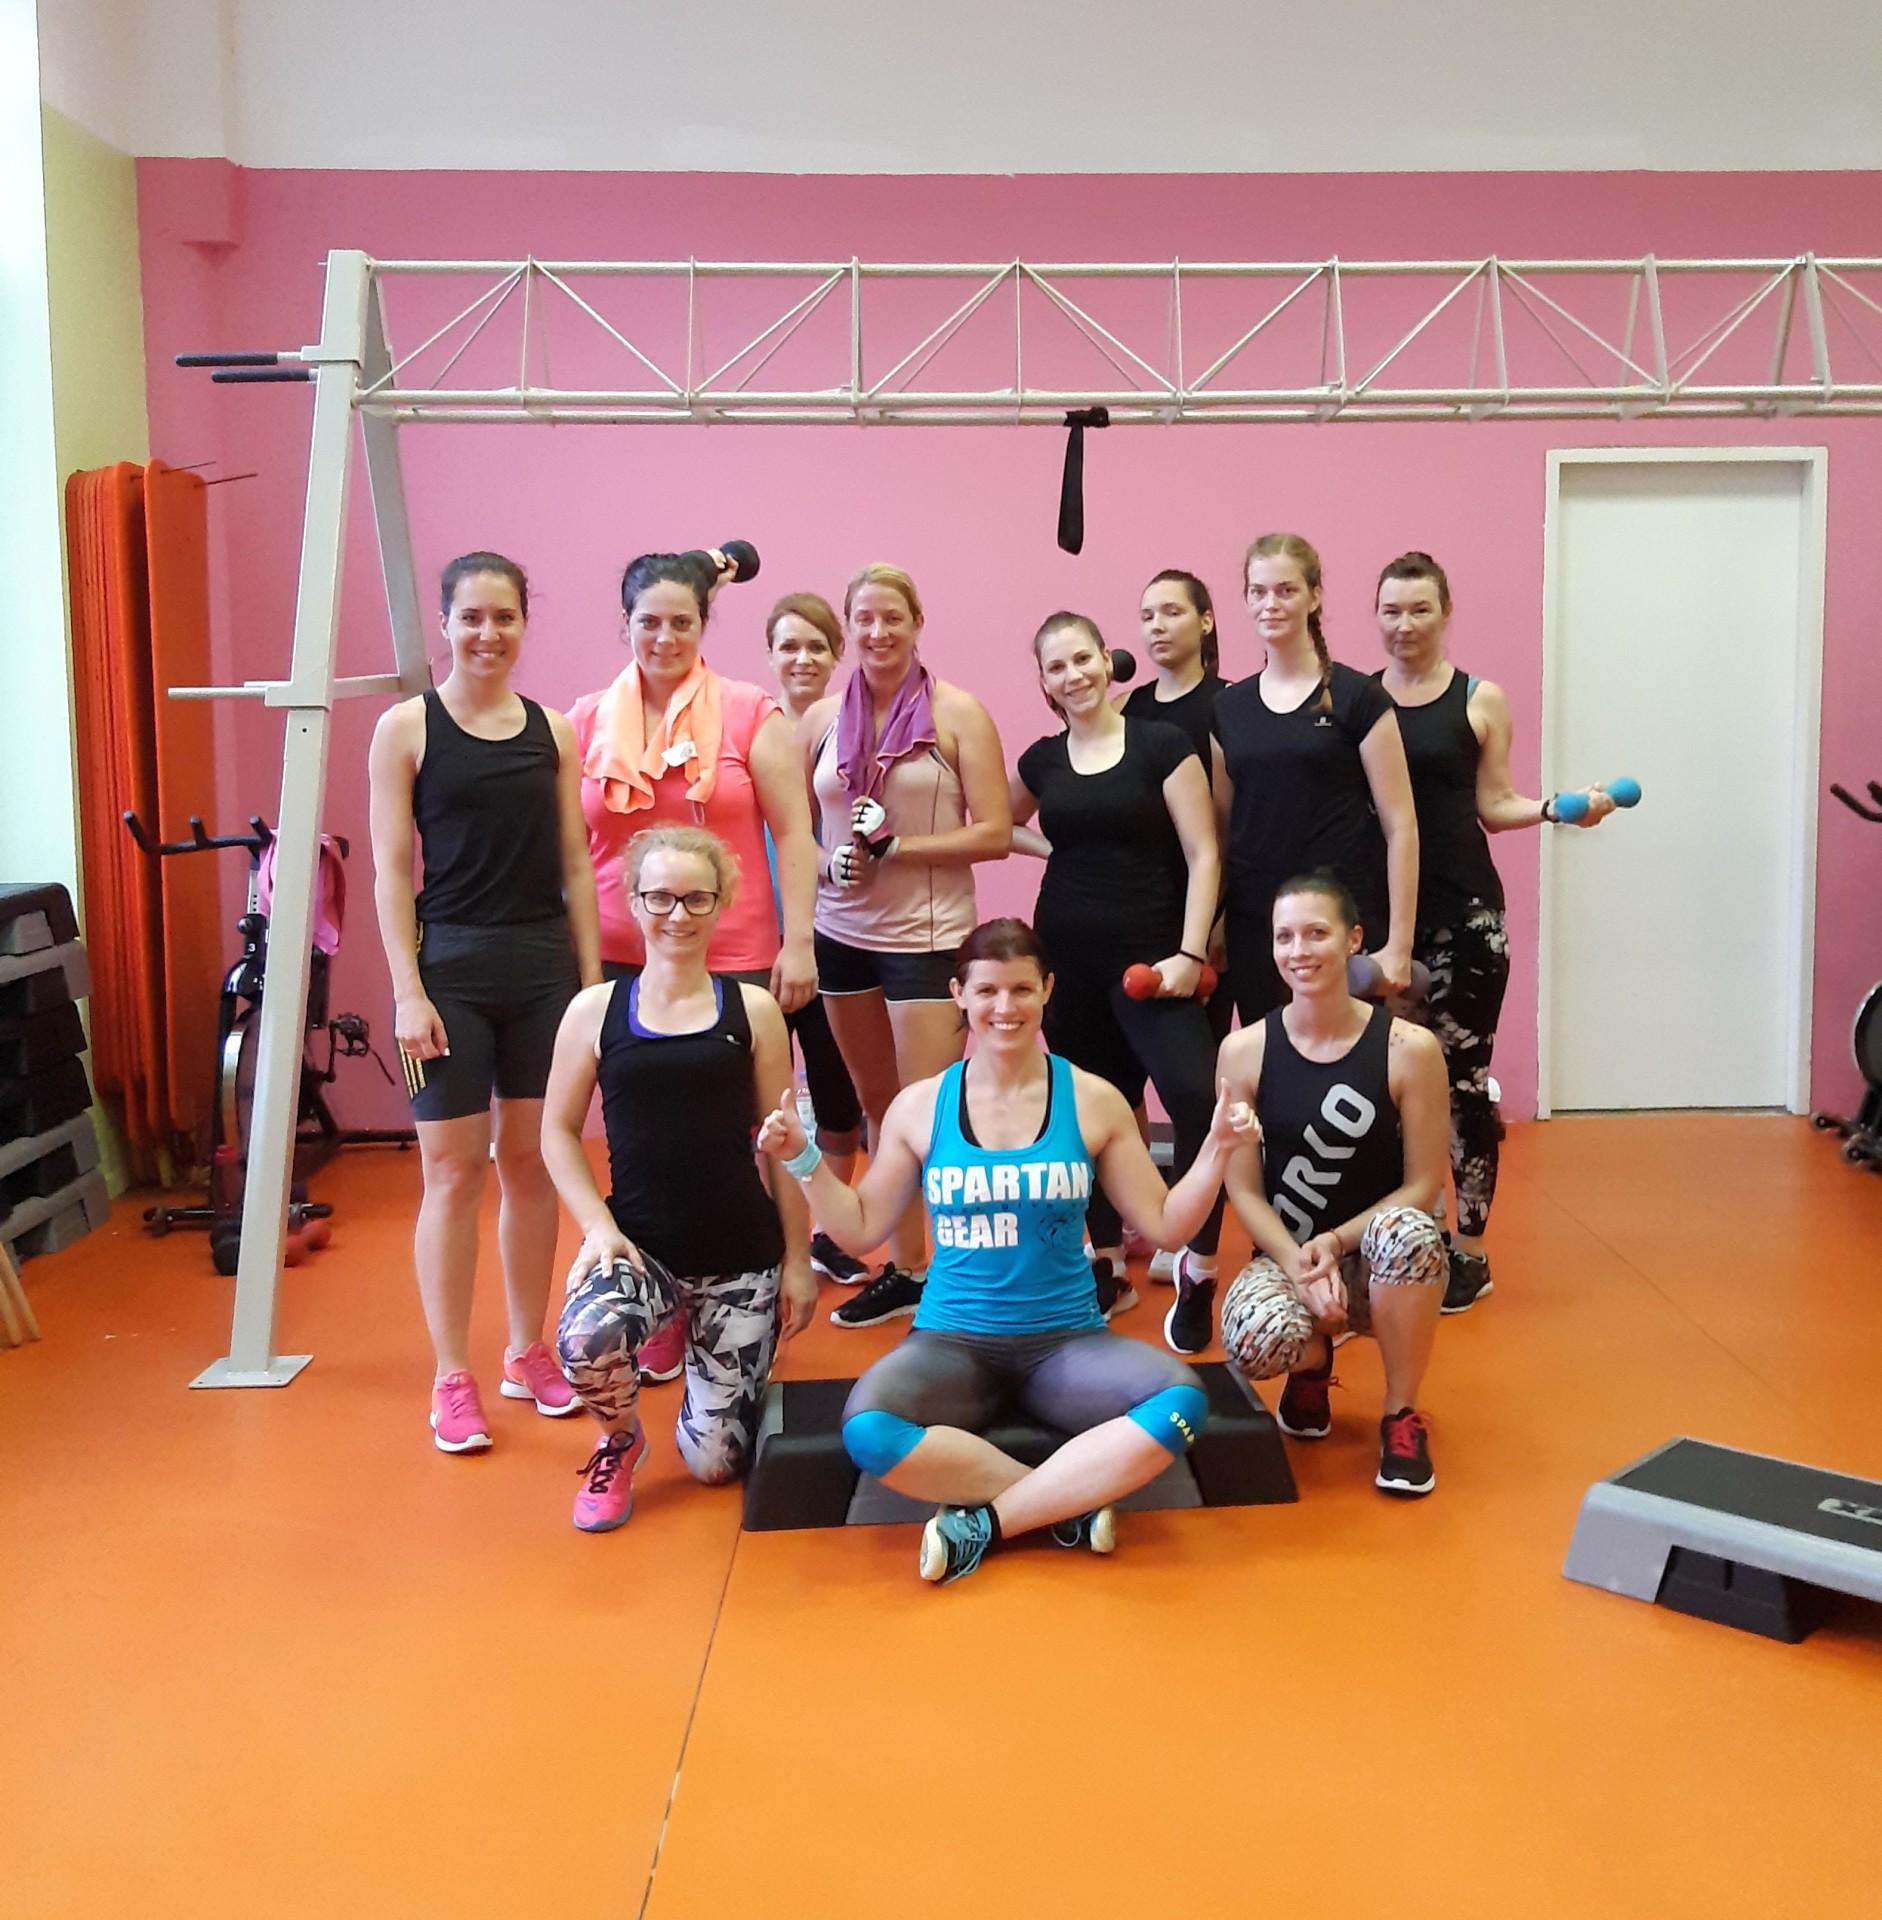 Spartan Body Weight